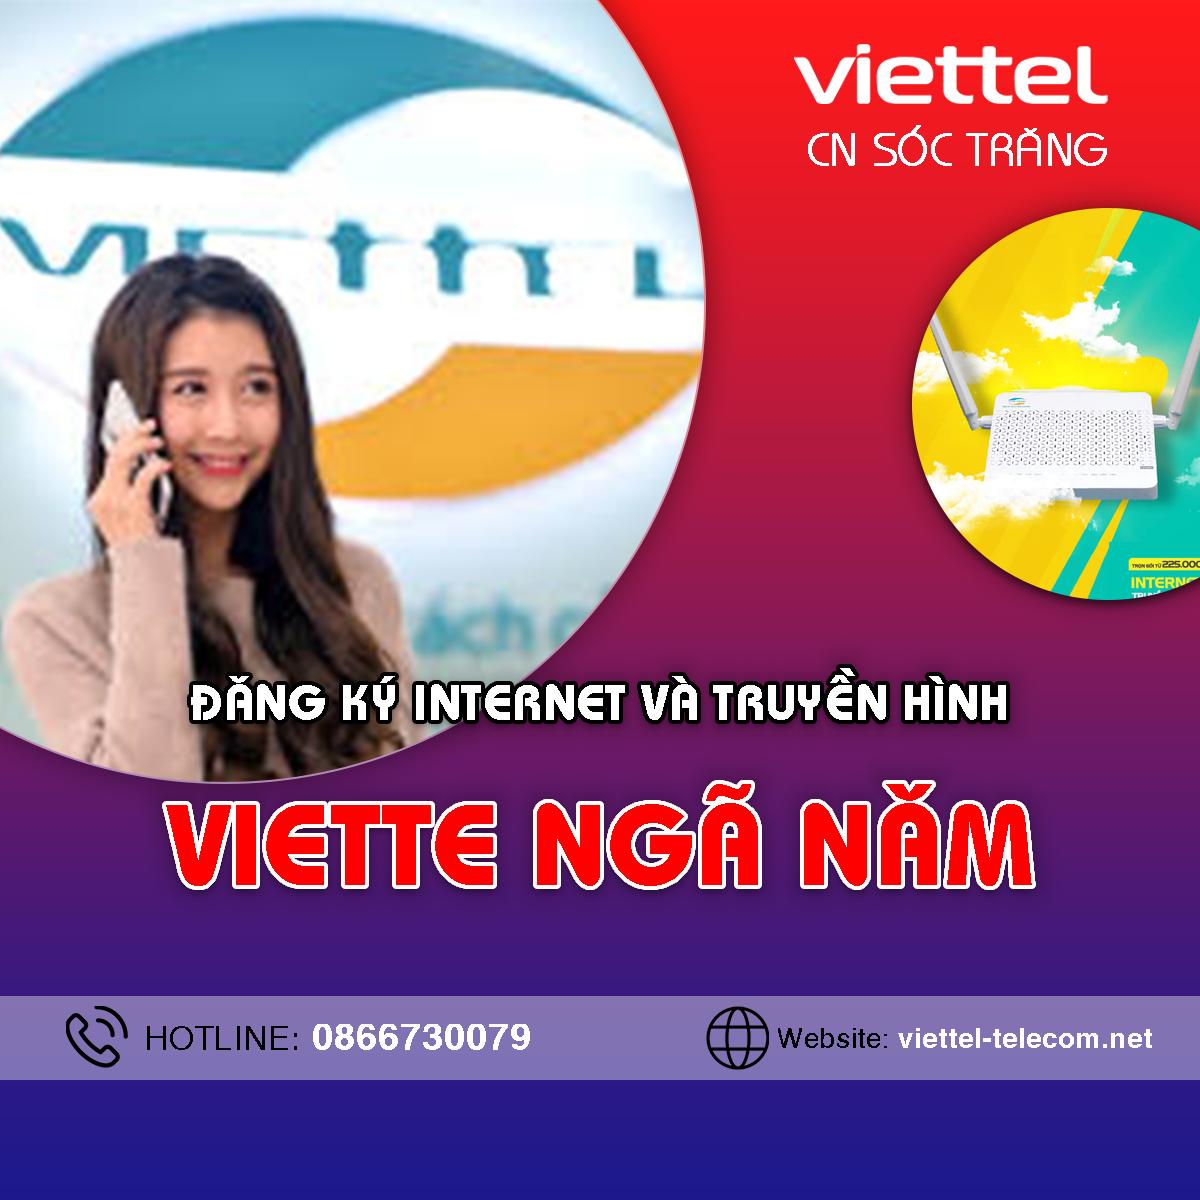 Cửa hàng Viettel Ngã 5 (Năm)